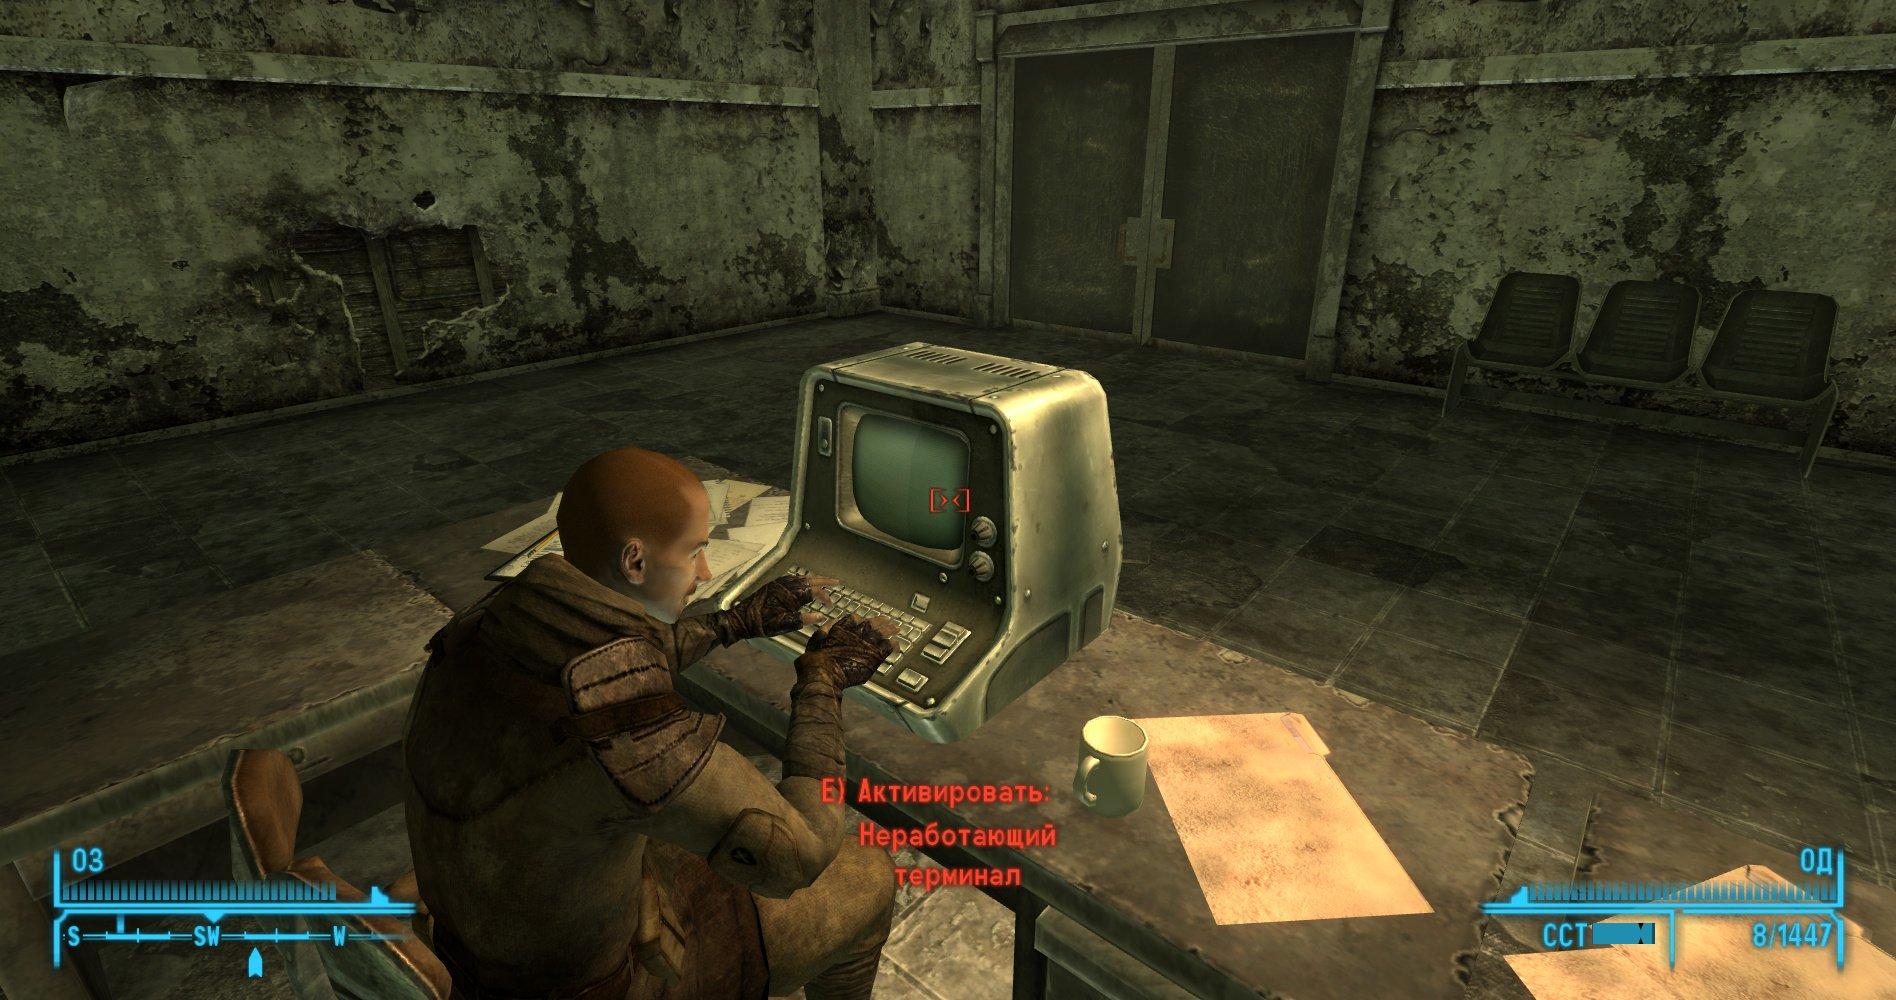 Сравнительный анализ (на самом деле нет) Fallout New Vegas vs. Fallout 4 (часть 2) - Изображение 7